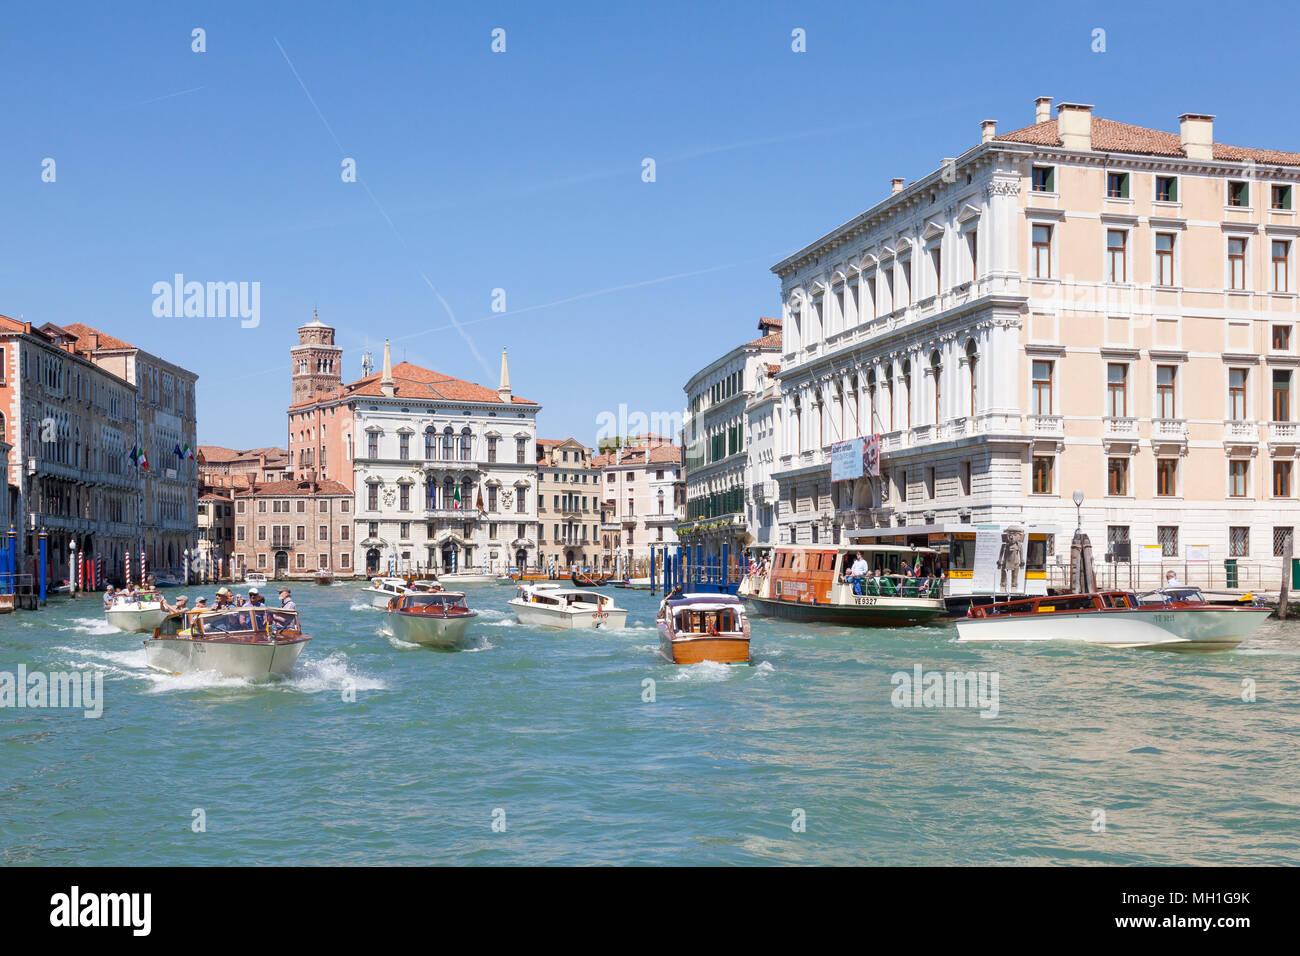 Taxi de l'eau très chargée le trafic de bateaux remplis de touristes visites sur le Grand Canal, San Polo, Venise, Vénétie, Italie. Les sillages de ces bateaux sont Photo Stock